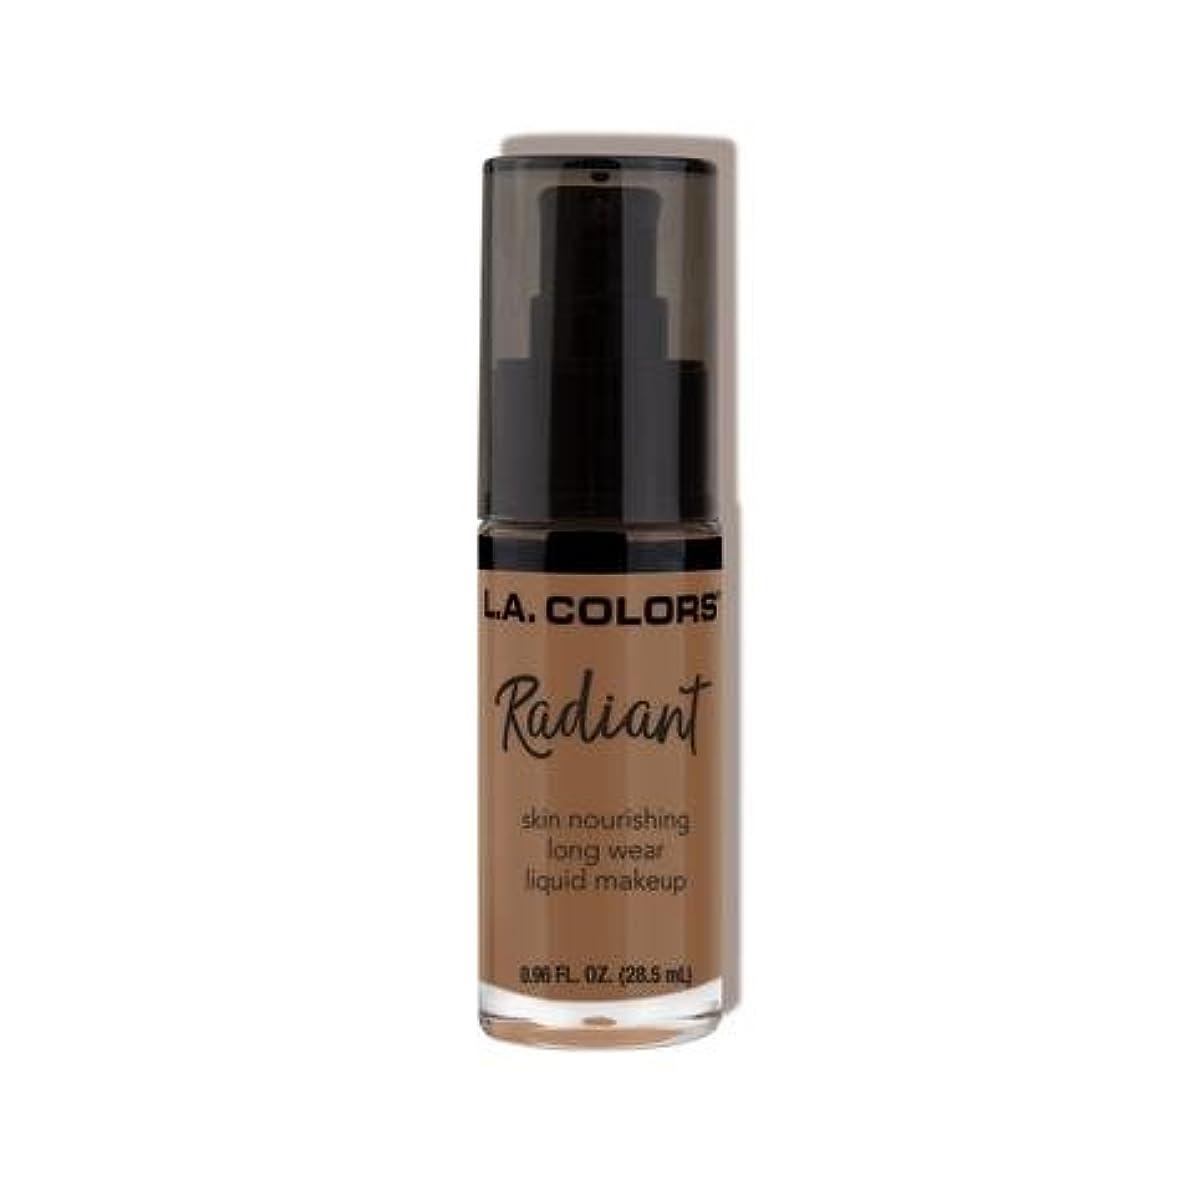 乱雑な知覚できる合図(3 Pack) L.A. COLORS Radiant Liquid Makeup - Mocha (並行輸入品)